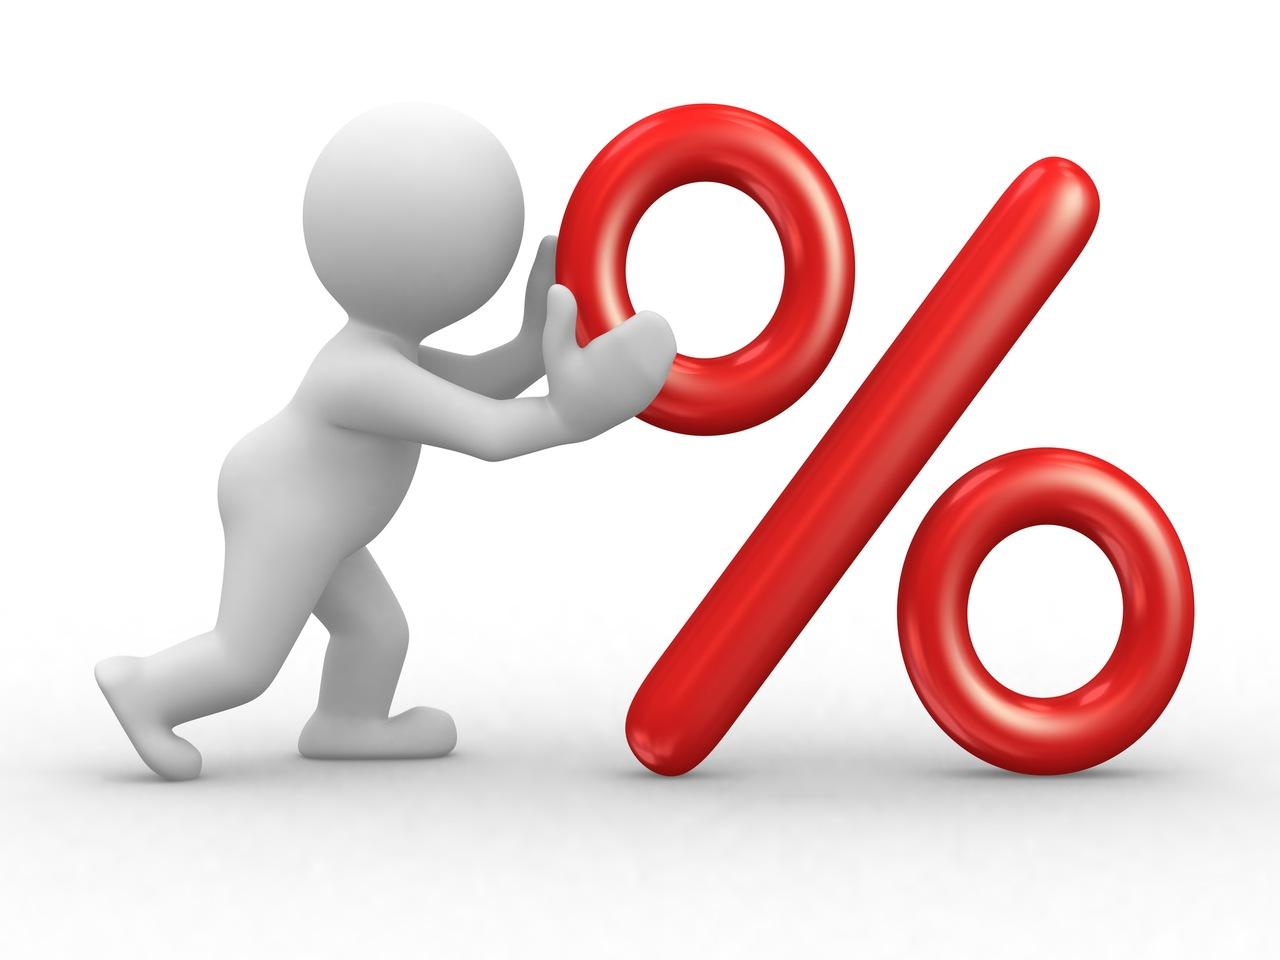 Які переваги при купівлі товарів можуть дати промокоди?